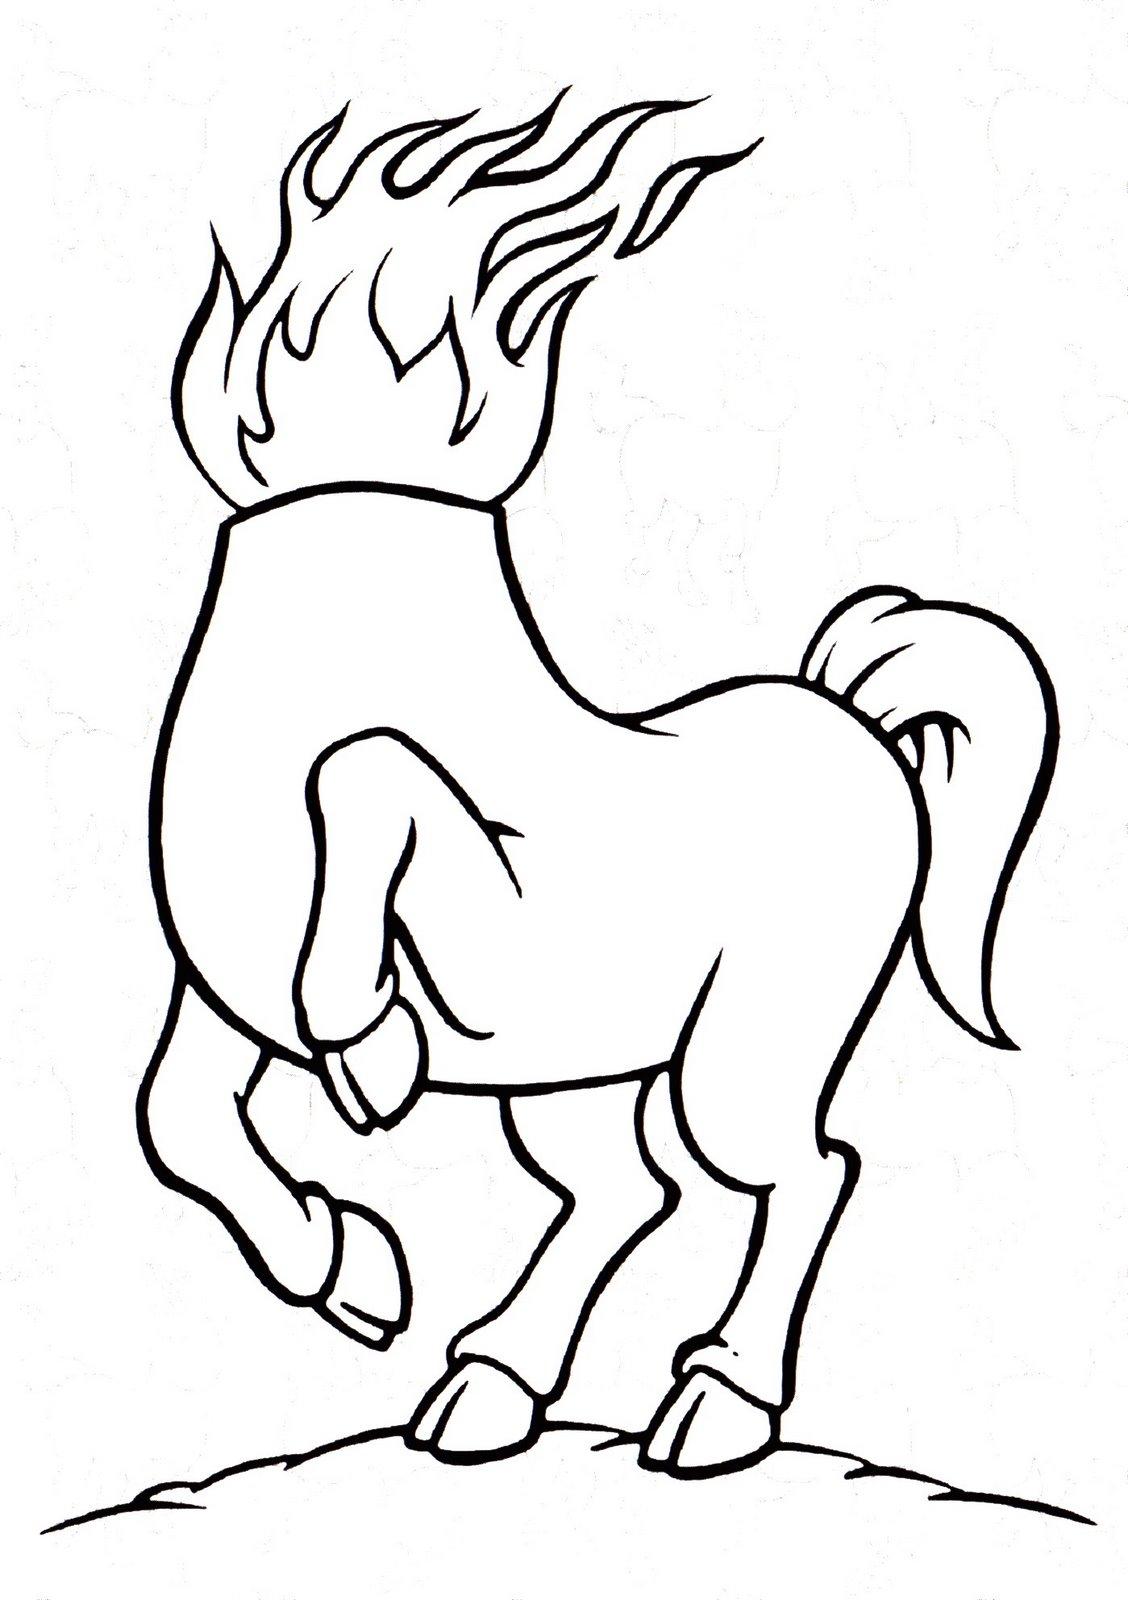 Atividades sobre a mula de cabeça prontas para imprimir.